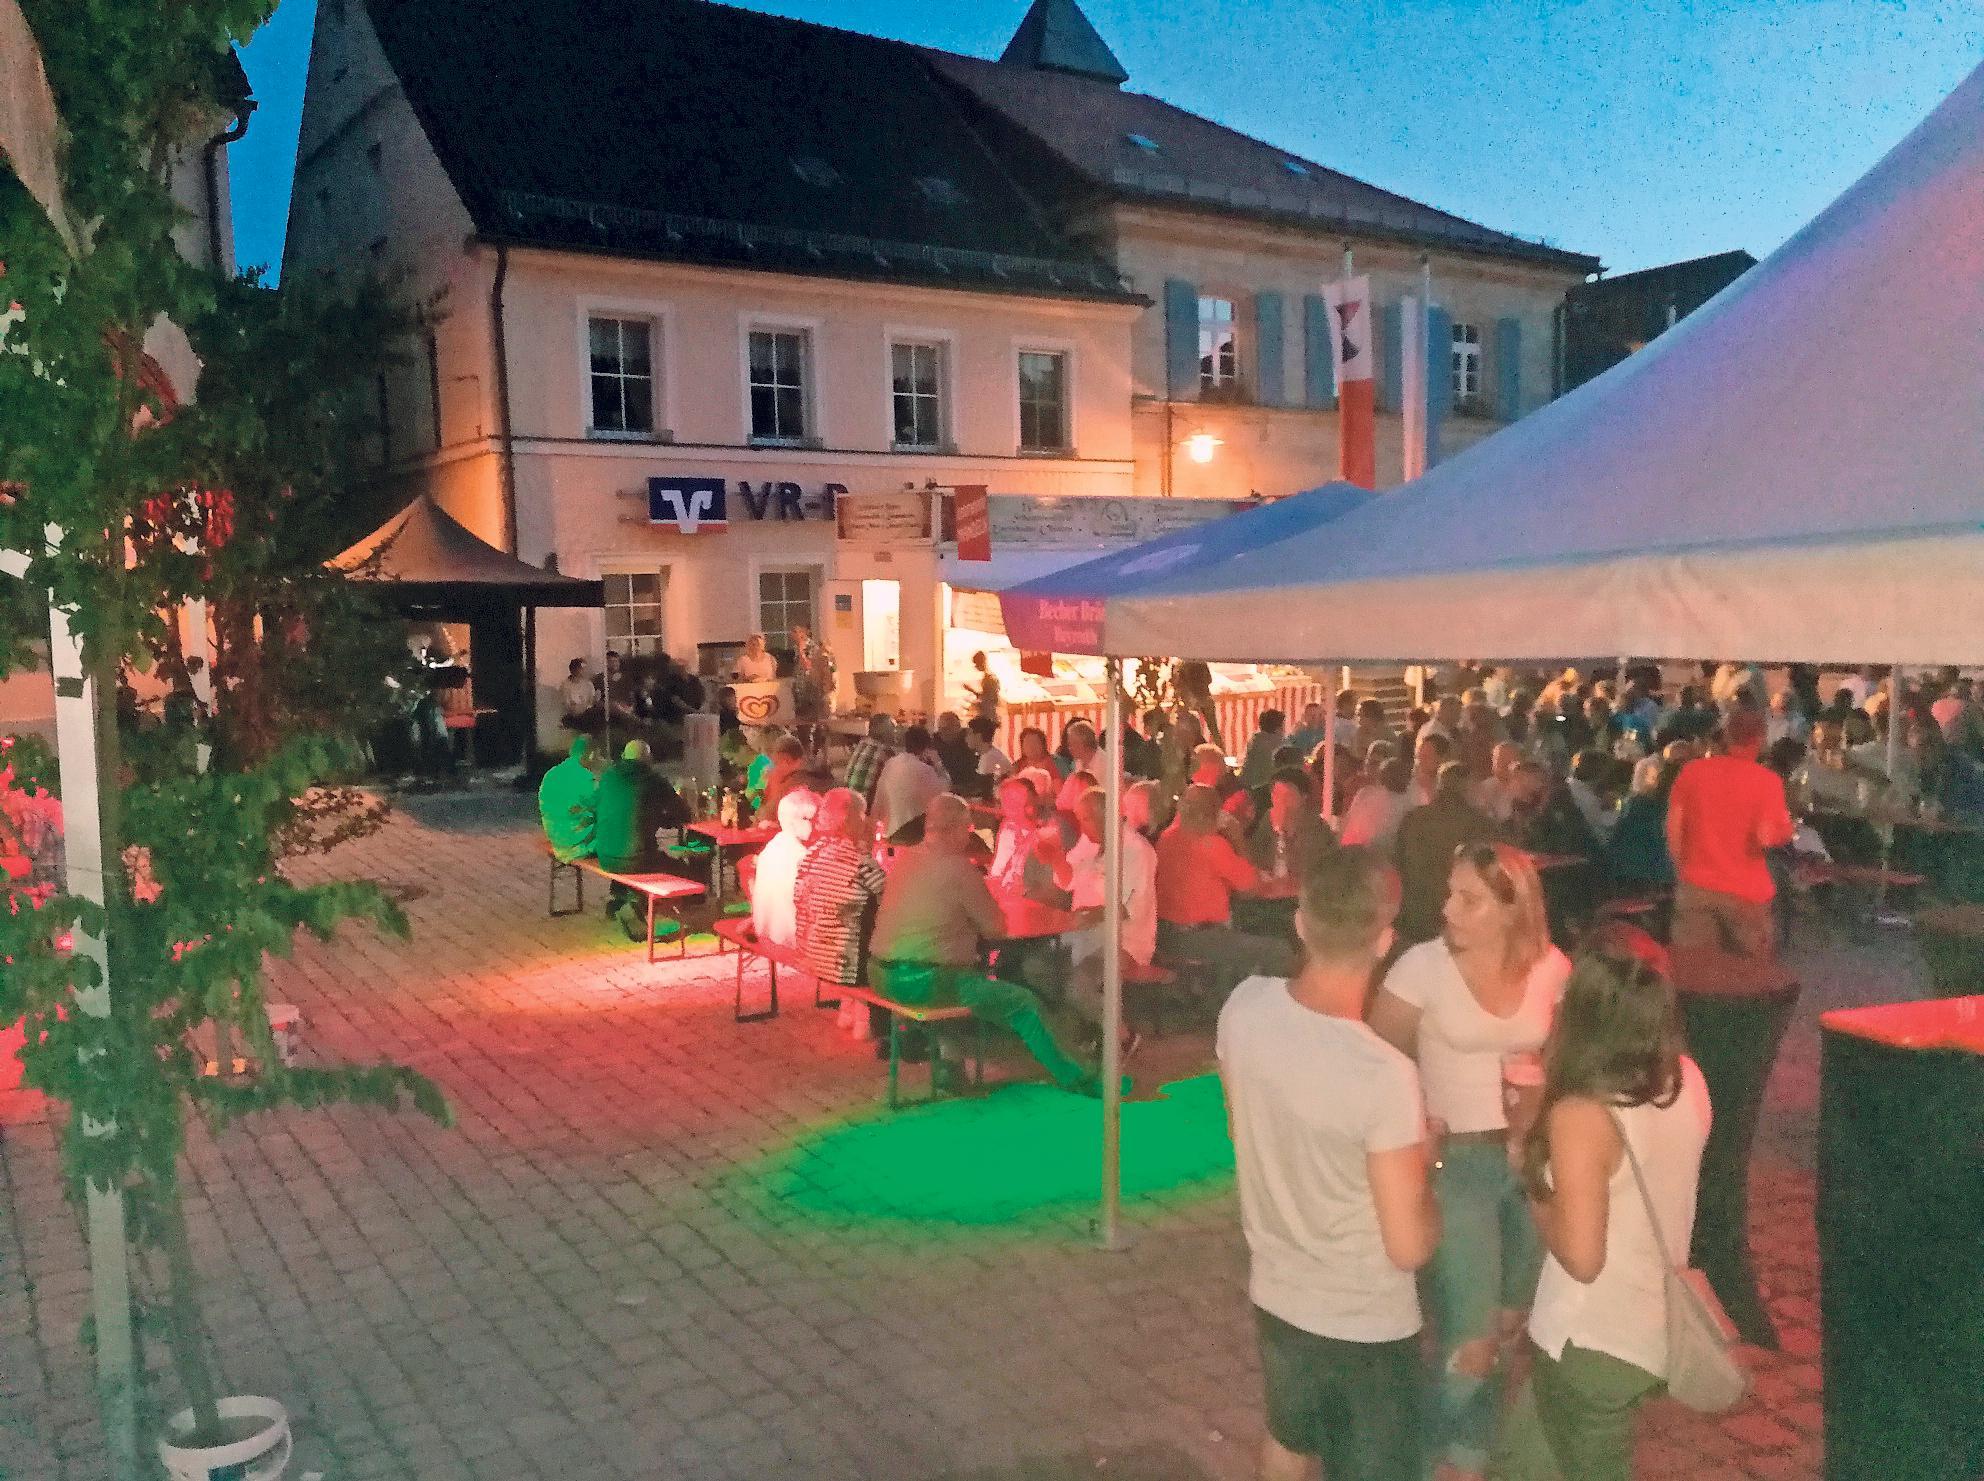 Stimmungsvoll: Der Goldkronacher Marktplatz verwandelt sich zur Kirchweih in einen großen Biergarten.